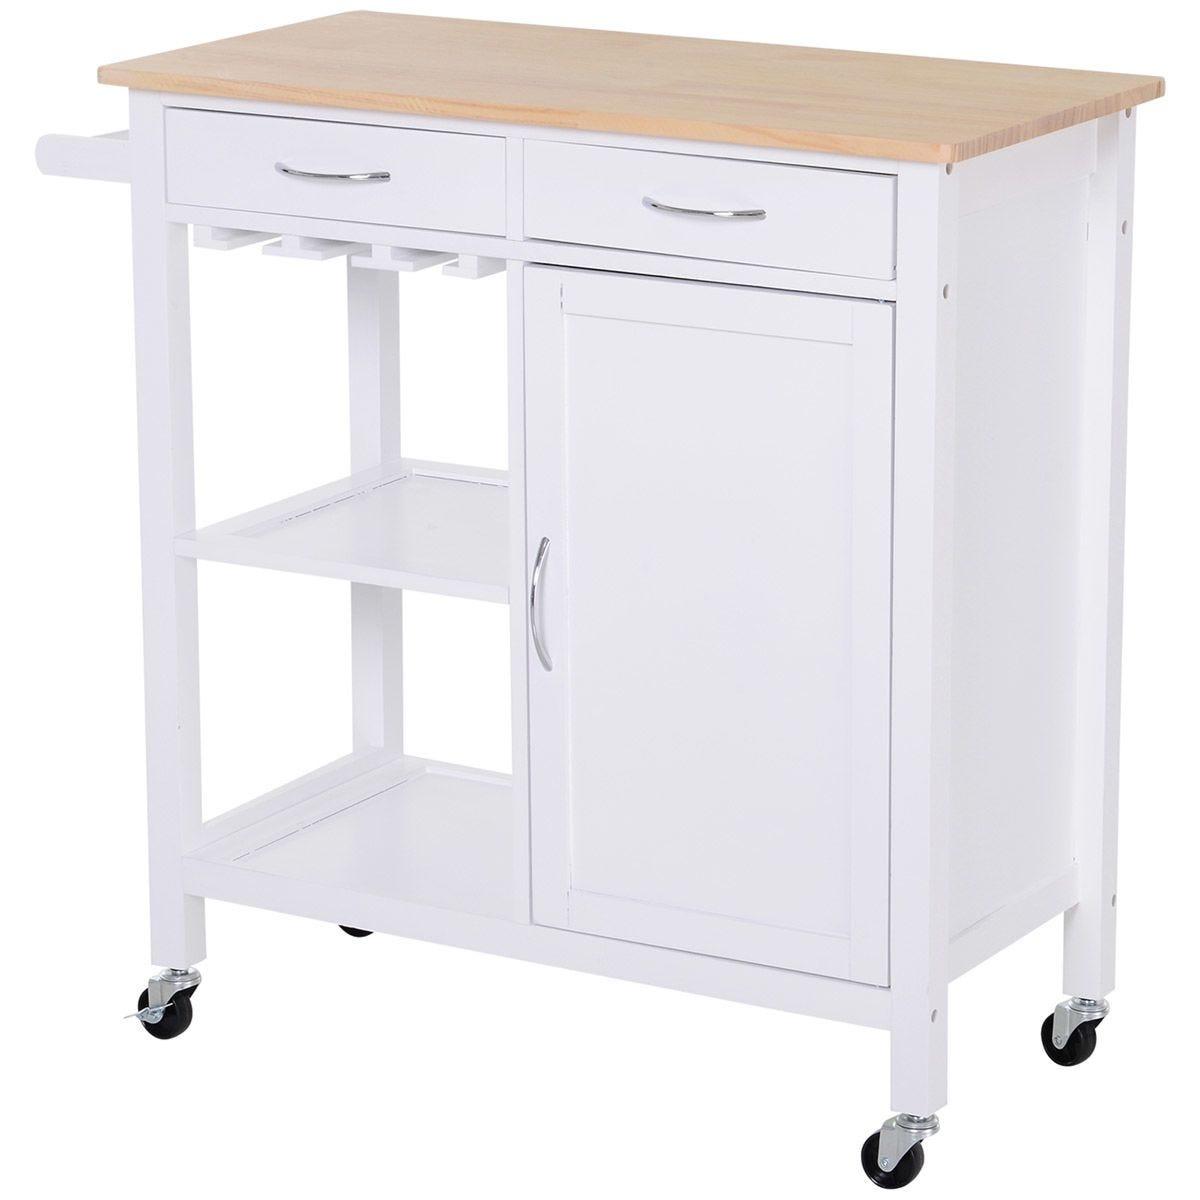 Kitchen Storage Trolley Cart - White